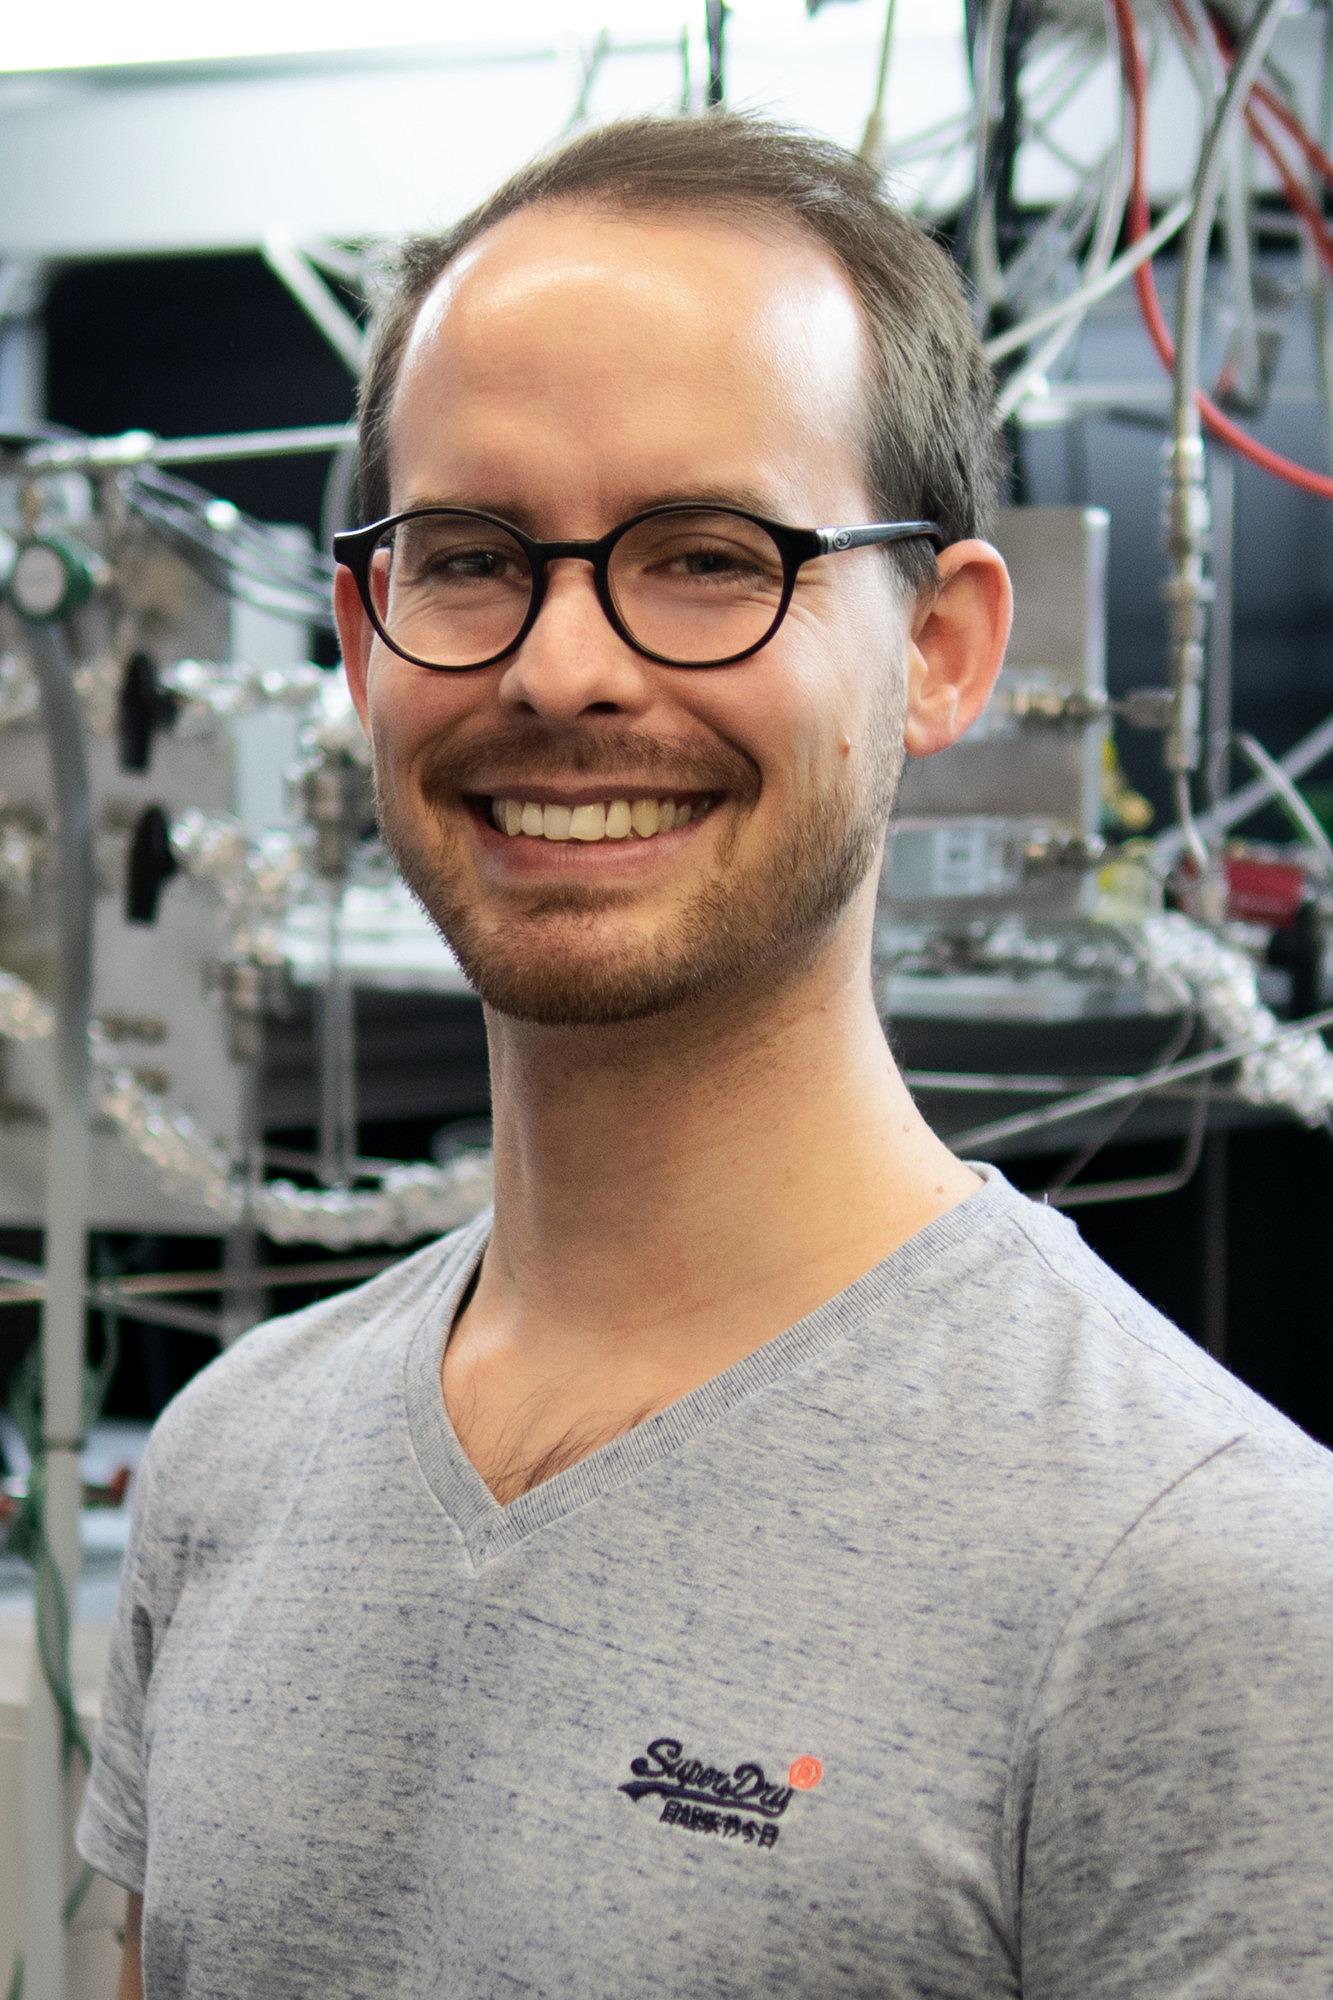 Simon Schötz